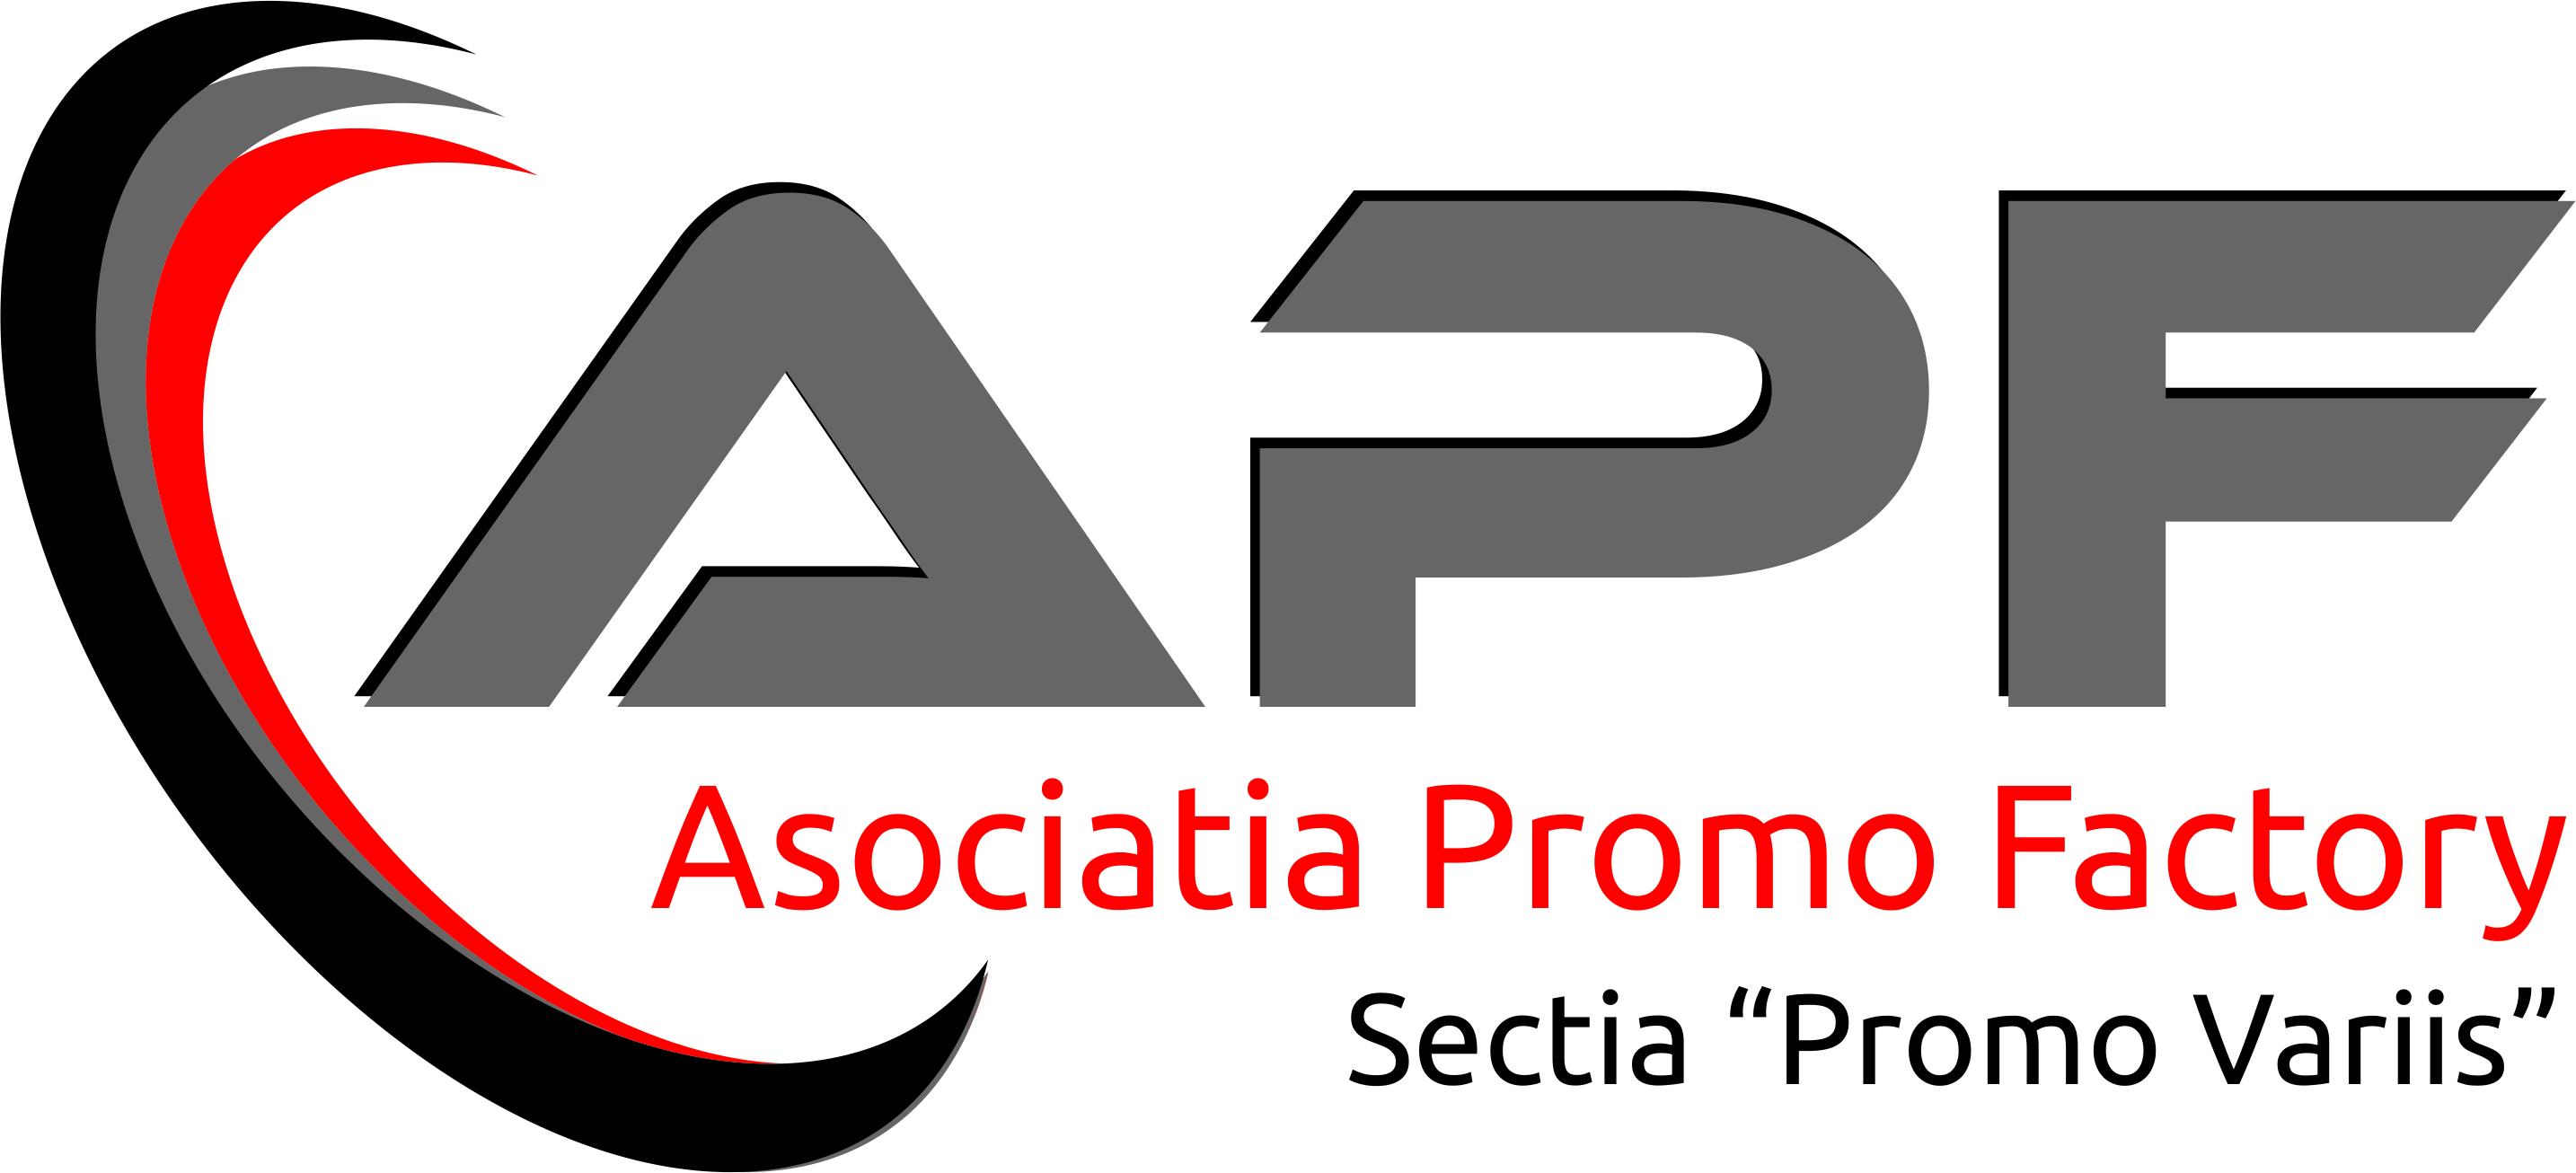 Asociatia Promo Factory logo